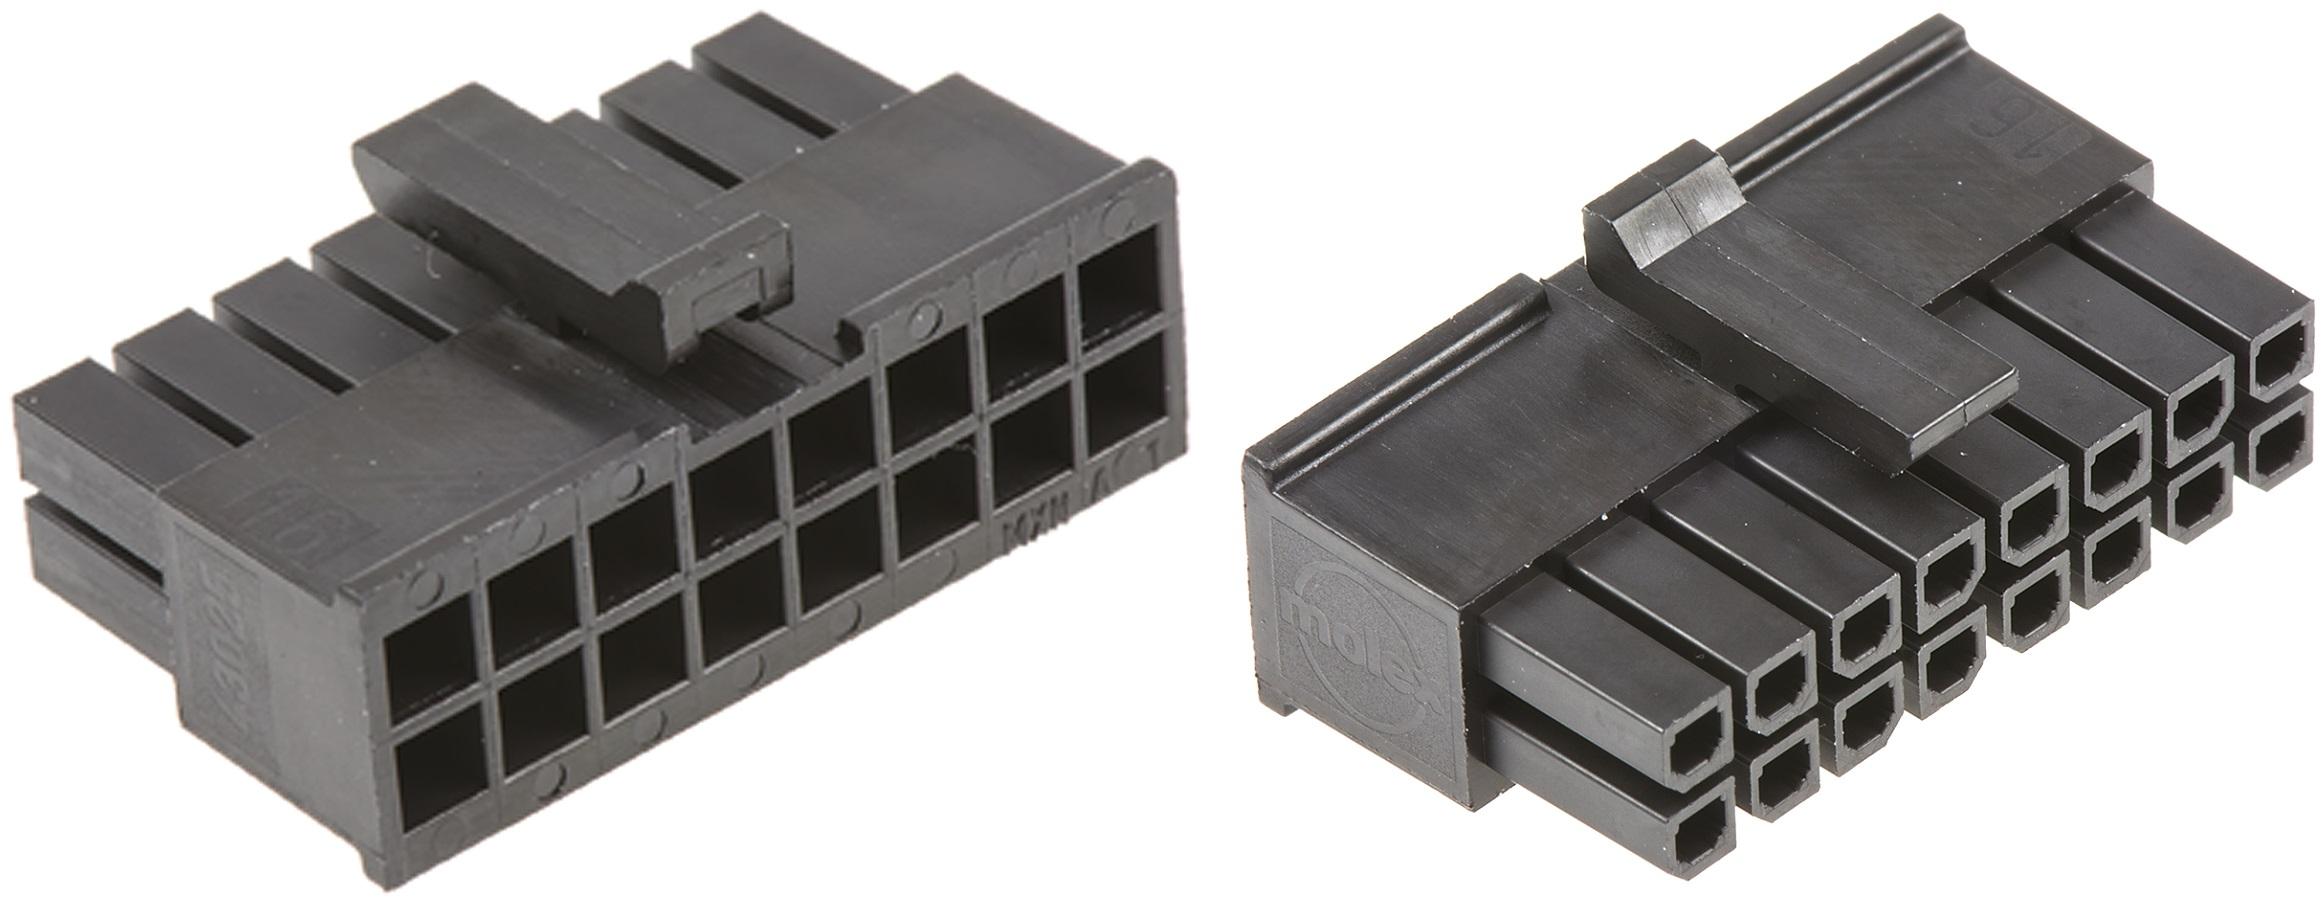 GeForce RTX 3090 Ti получит скоростные чипы GDDR6X и новый разъём питания